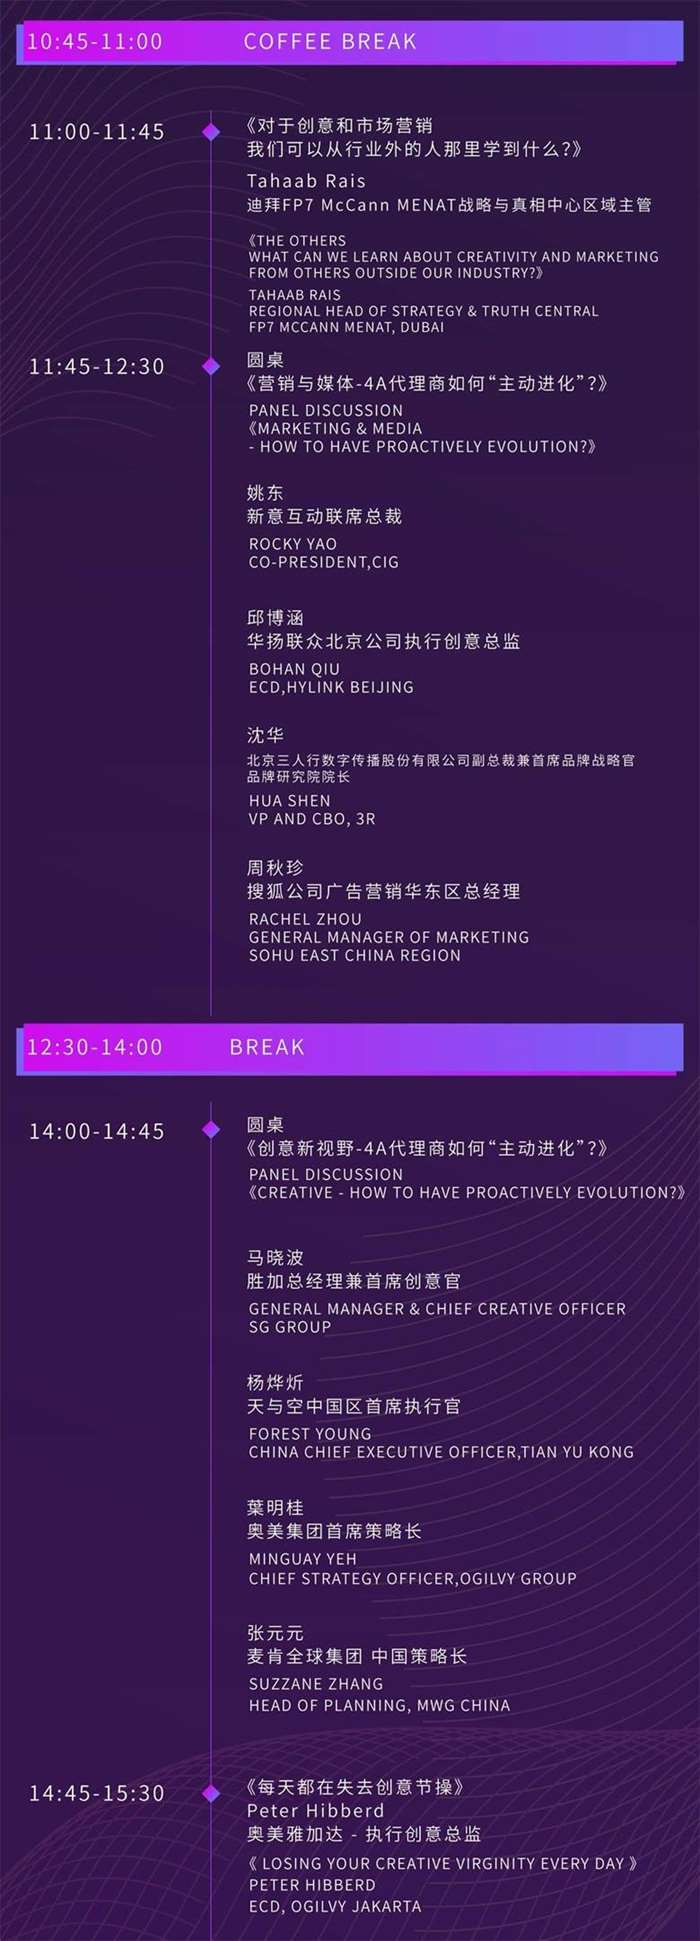 中英文 时间表-00_画板 2.jpg